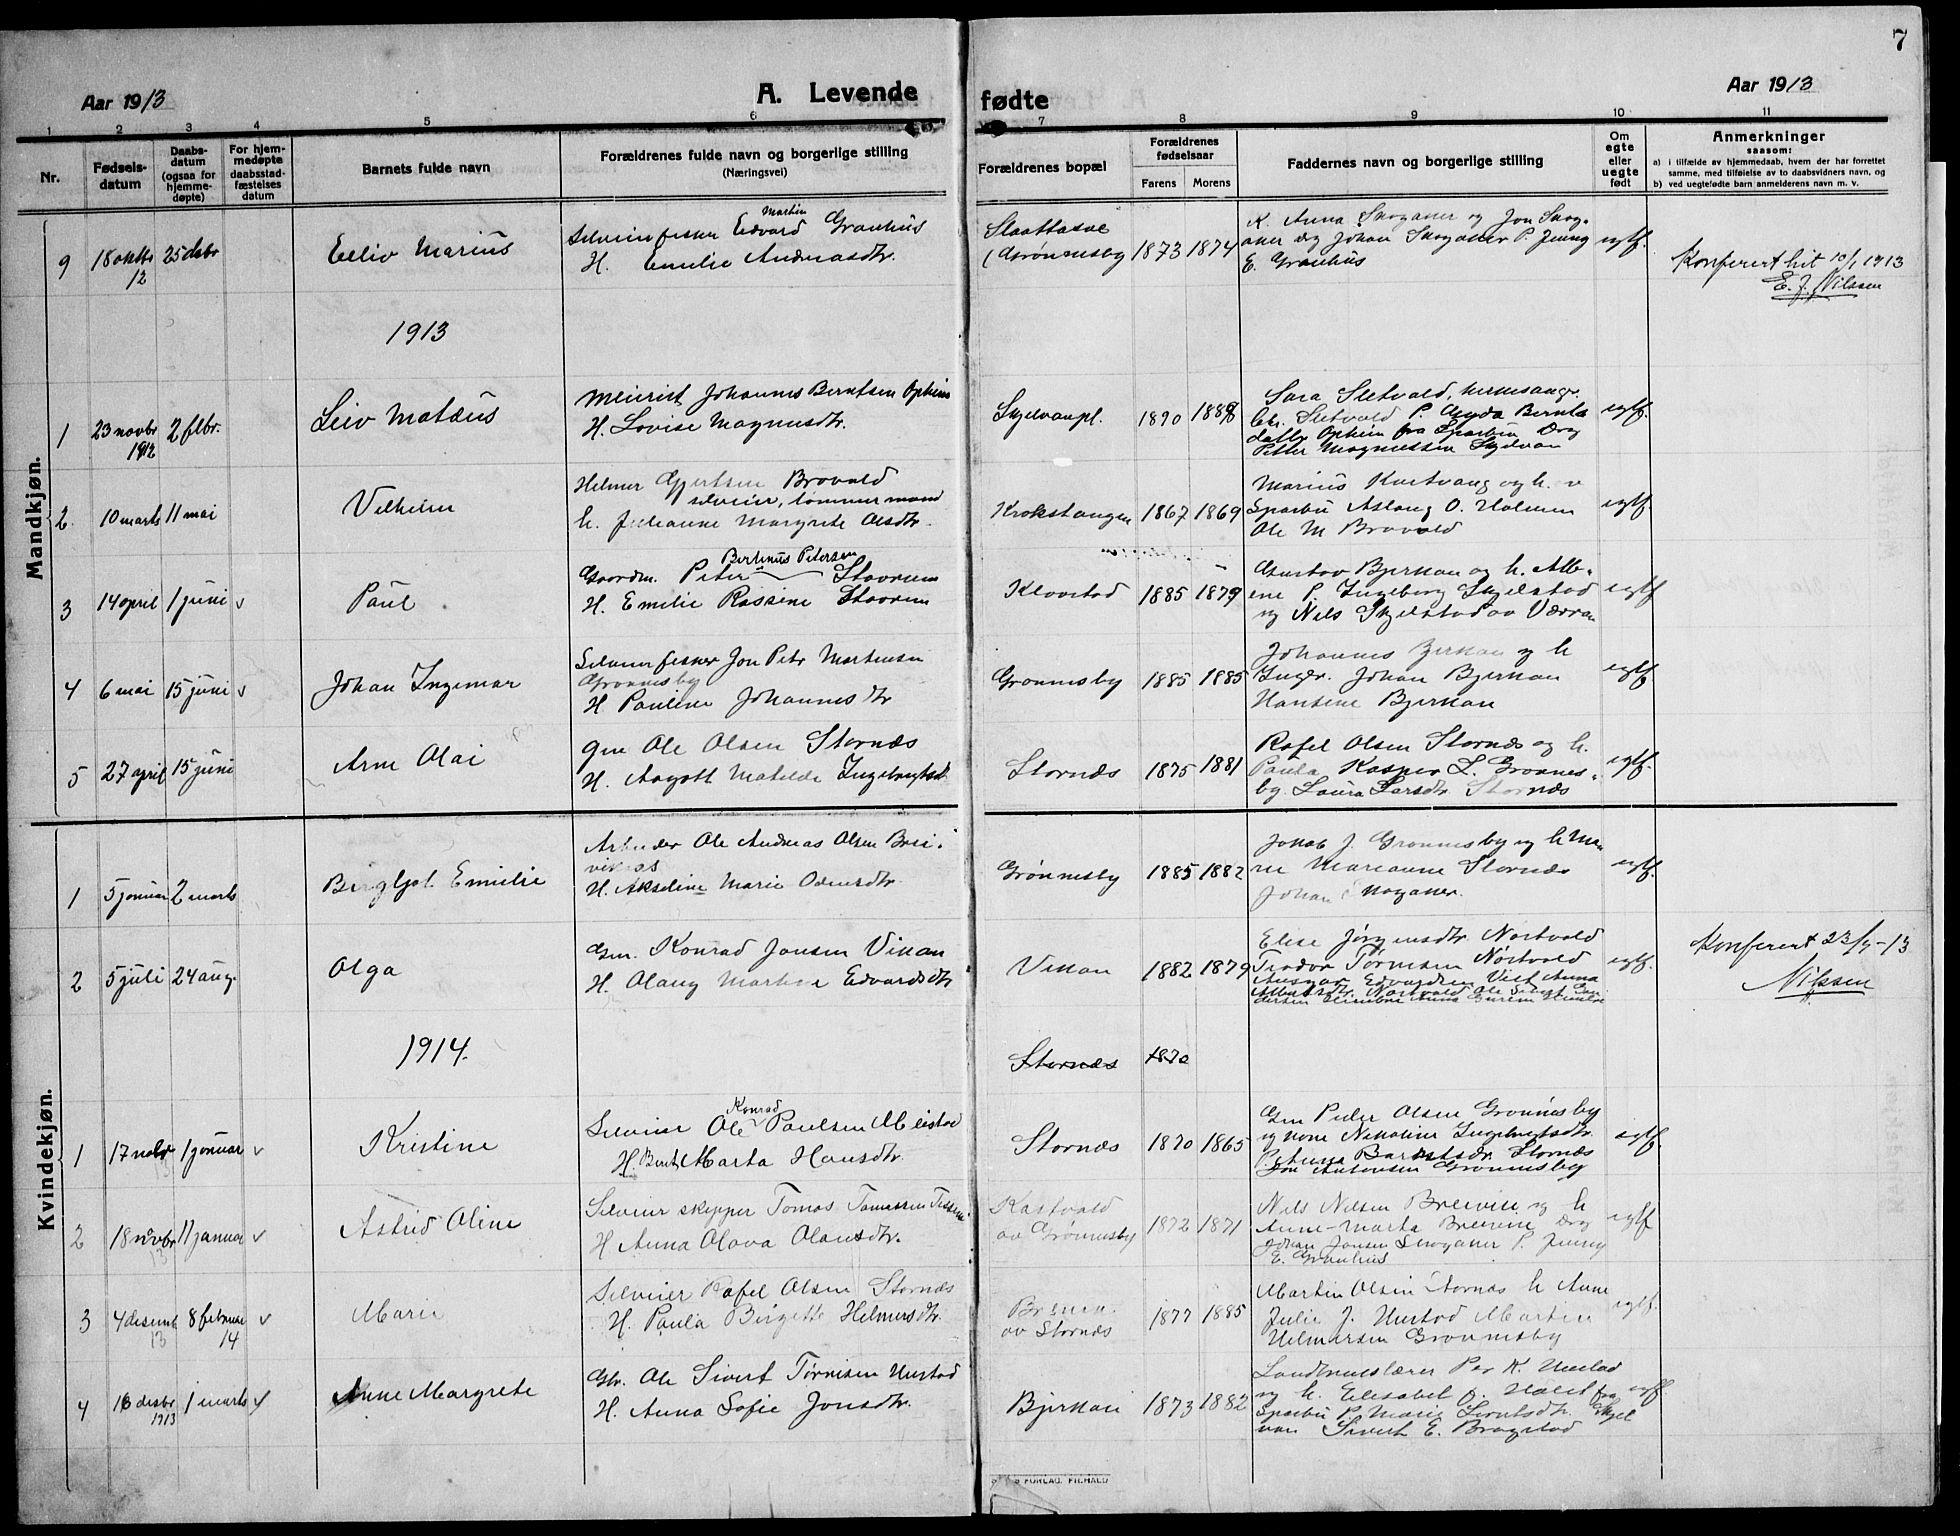 SAT, Ministerialprotokoller, klokkerbøker og fødselsregistre - Nord-Trøndelag, 732/L0319: Klokkerbok nr. 732C03, 1911-1945, s. 7